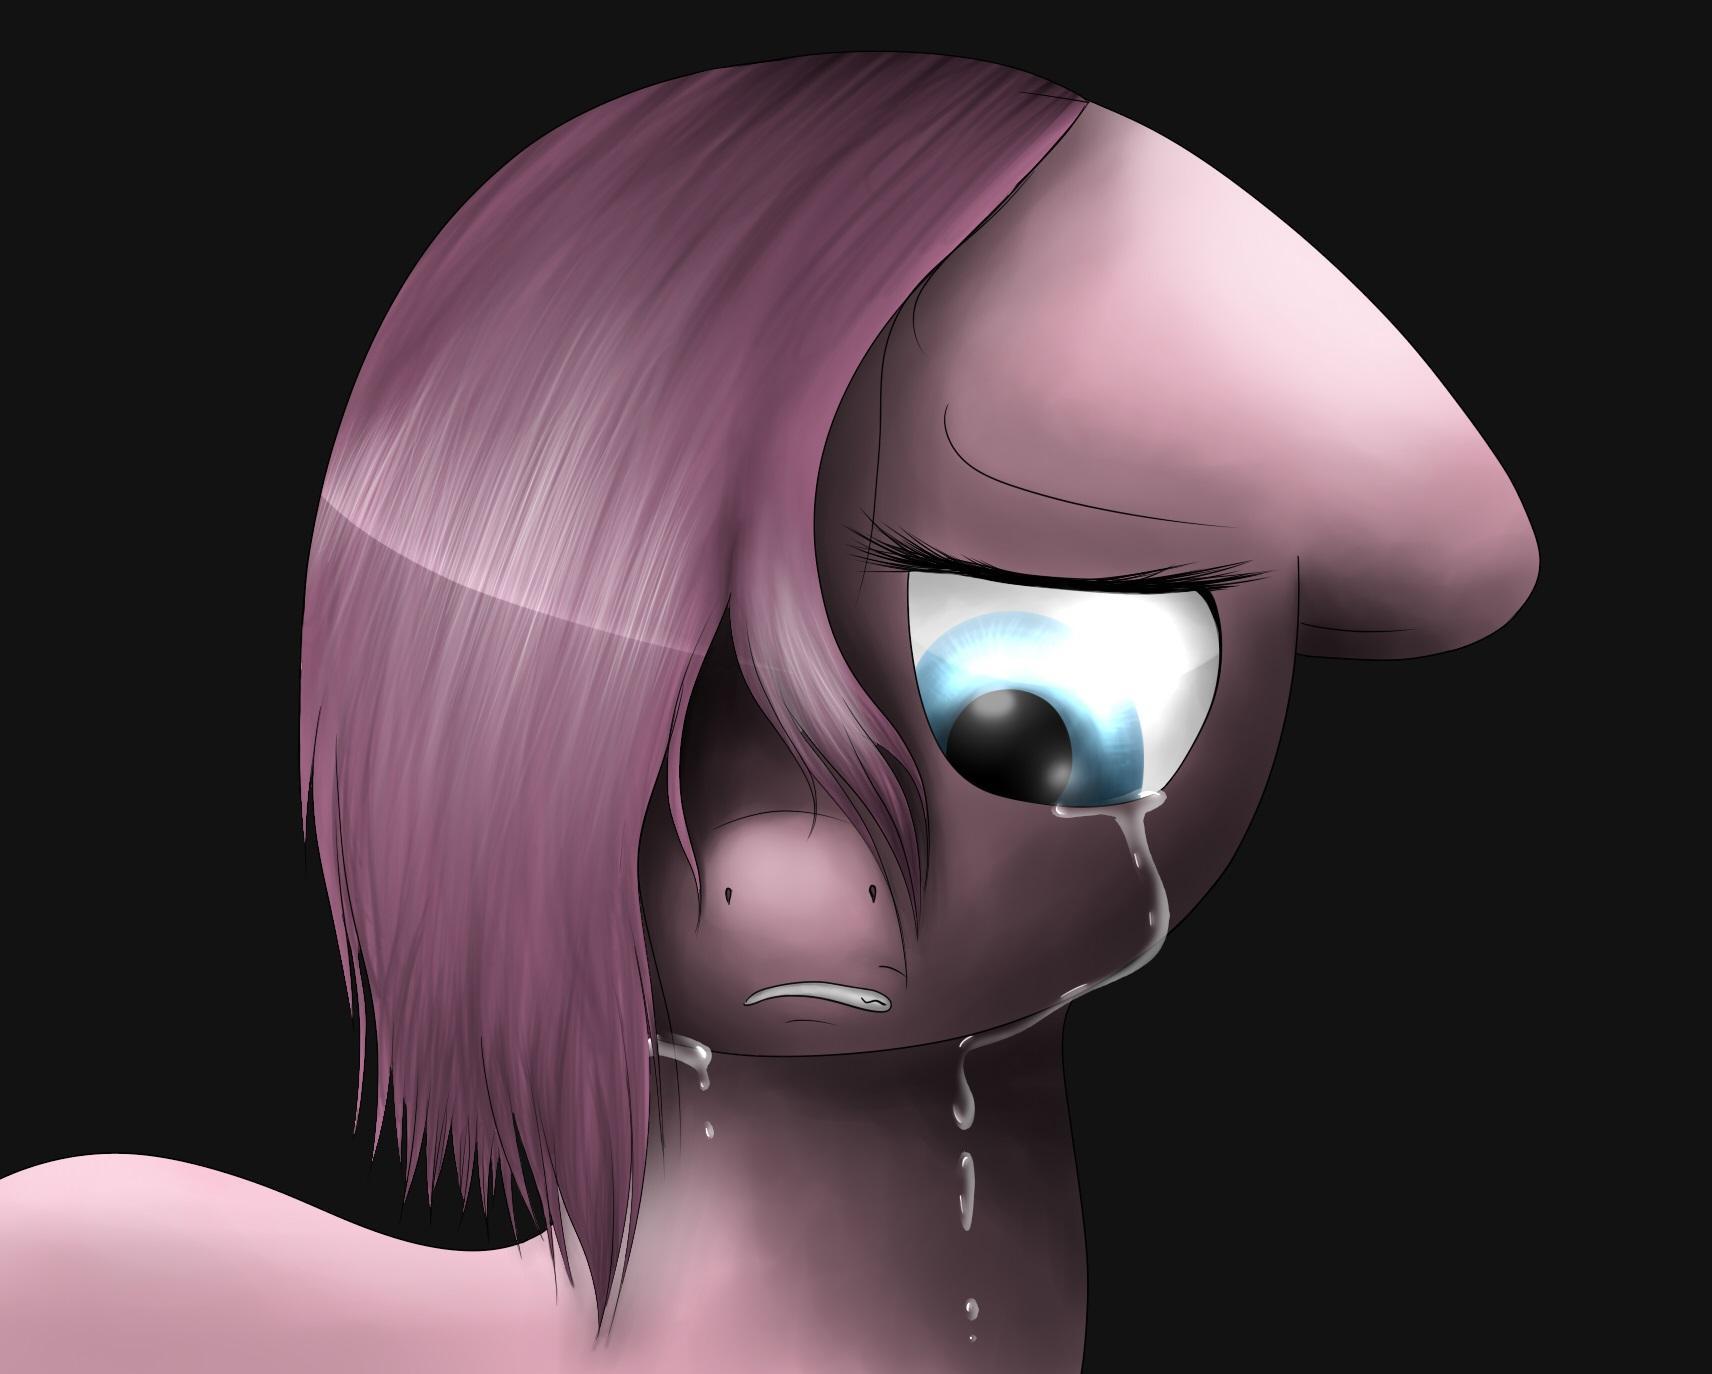 картинки пони со слезами на глазах медовая выращивается многих